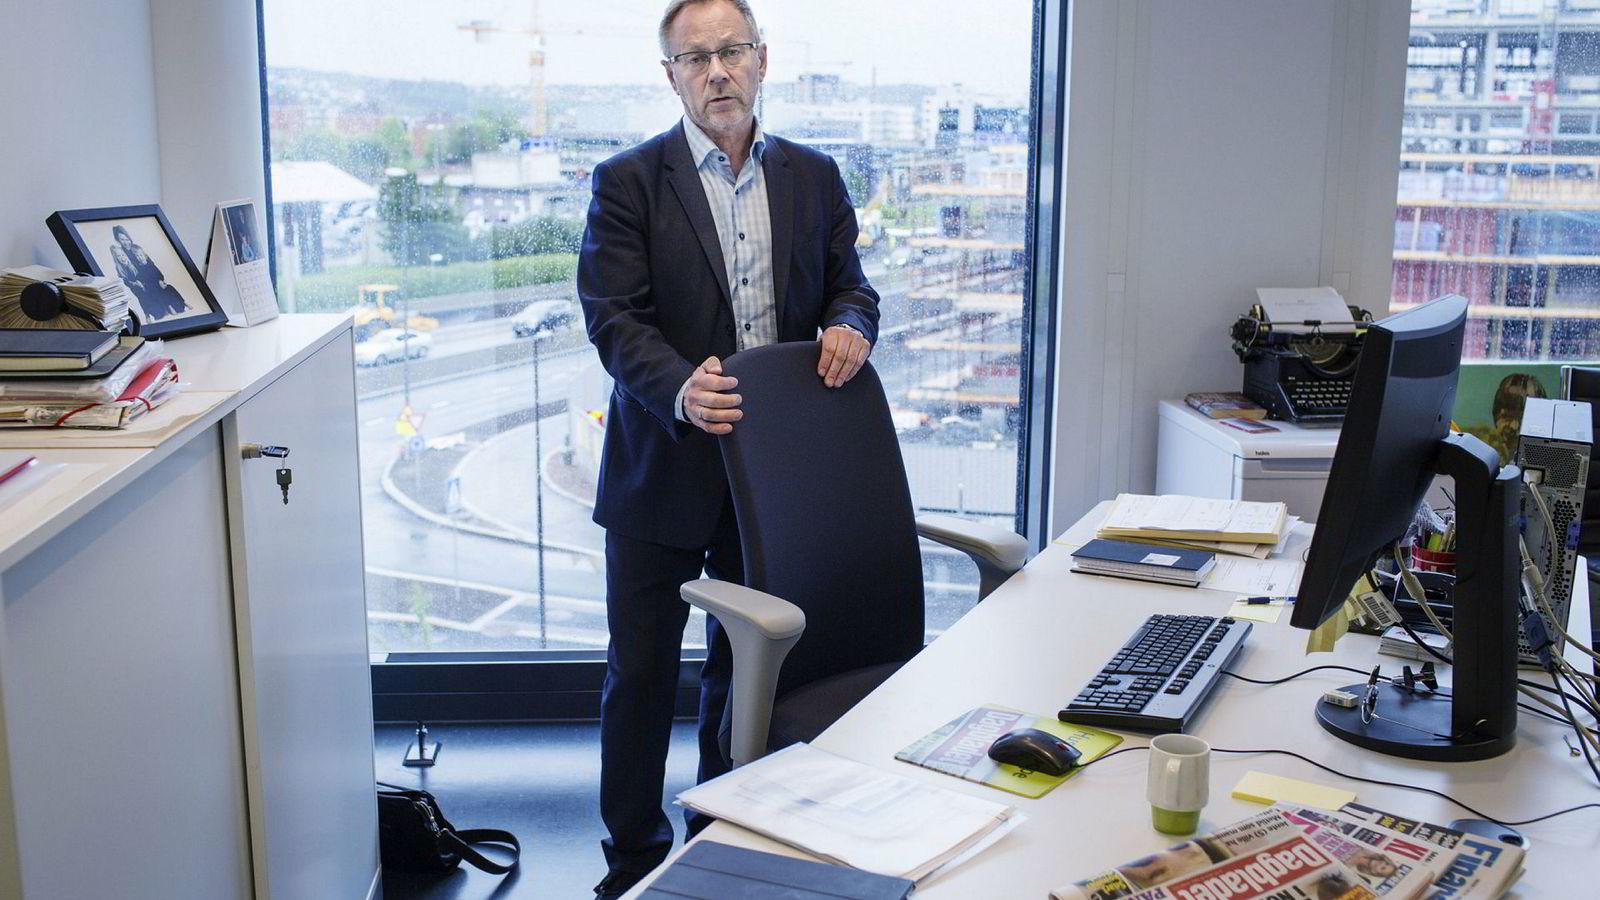 – Norge utgjør et altfor lite marked. For mange mediehus vil dette bare være en distraksjon bort fra ting som faktisk gir inntekter, sier John Arne Markussen, direktør for forretningsutvikling i Aller Media.